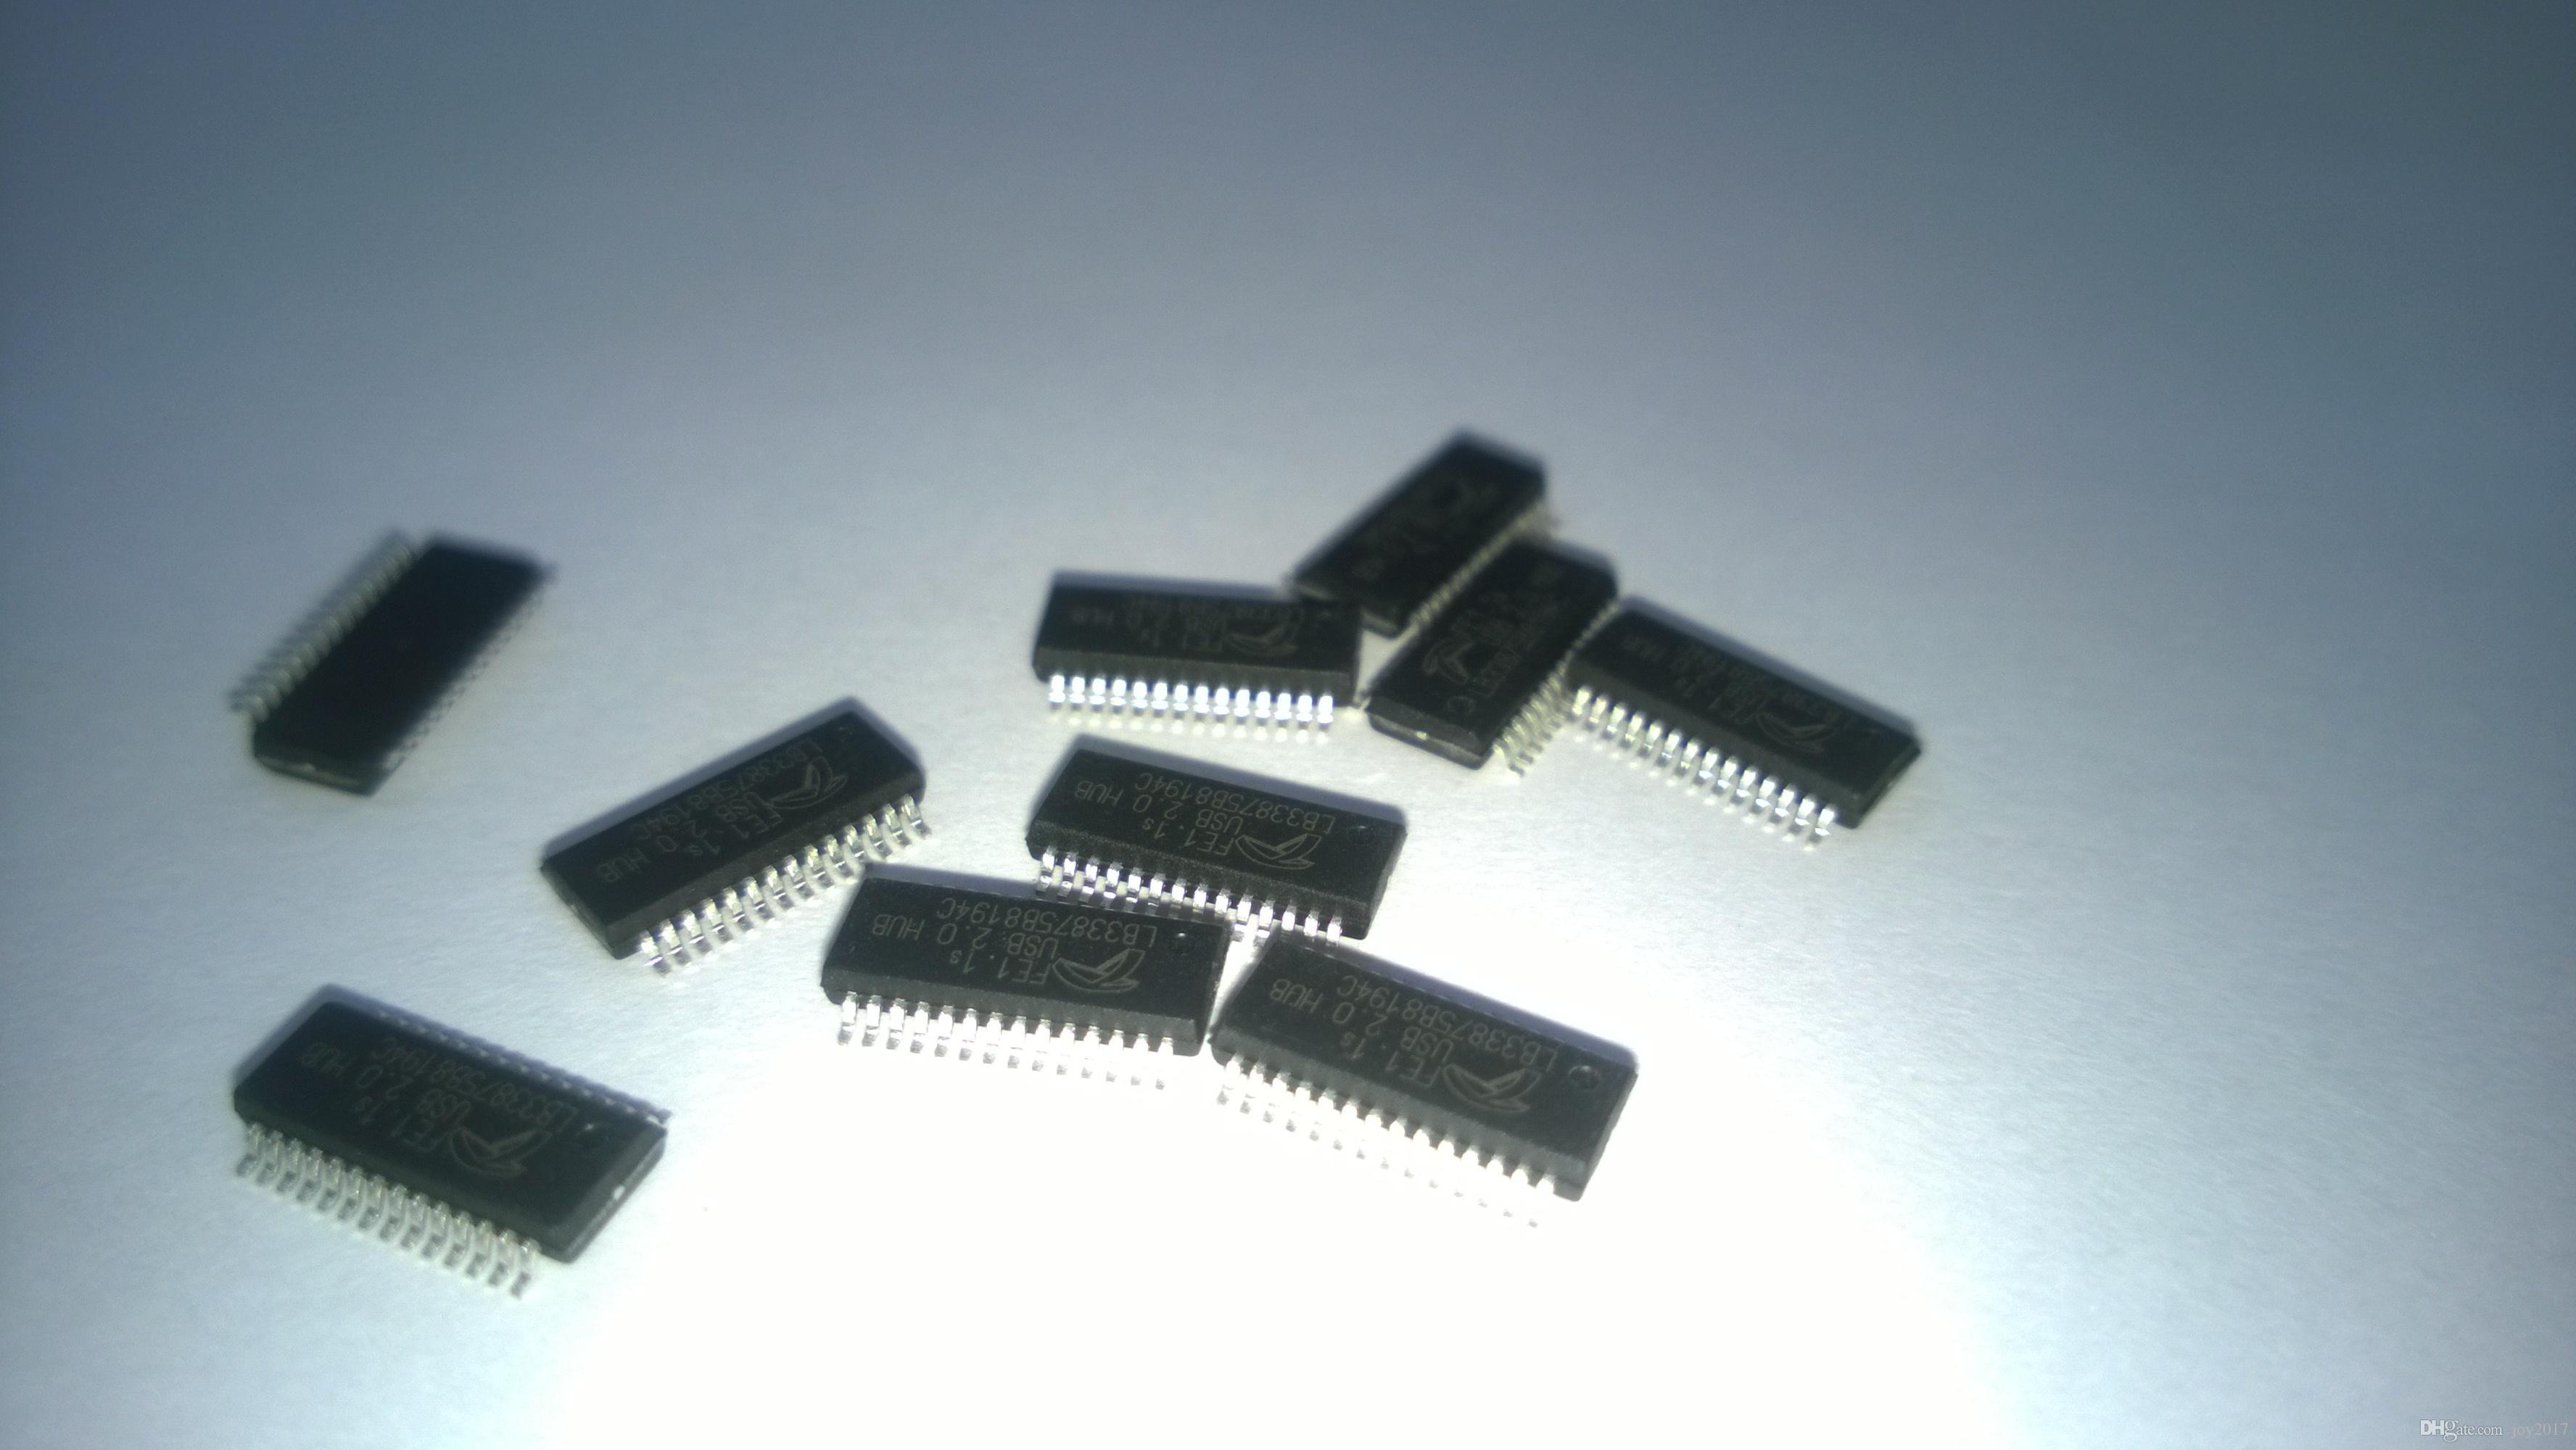 Livraison gratuite Fe1.1 s FE1.1S USB 2.0 HUB SMD ssop28 Nouveau et original 10PCS / LOT